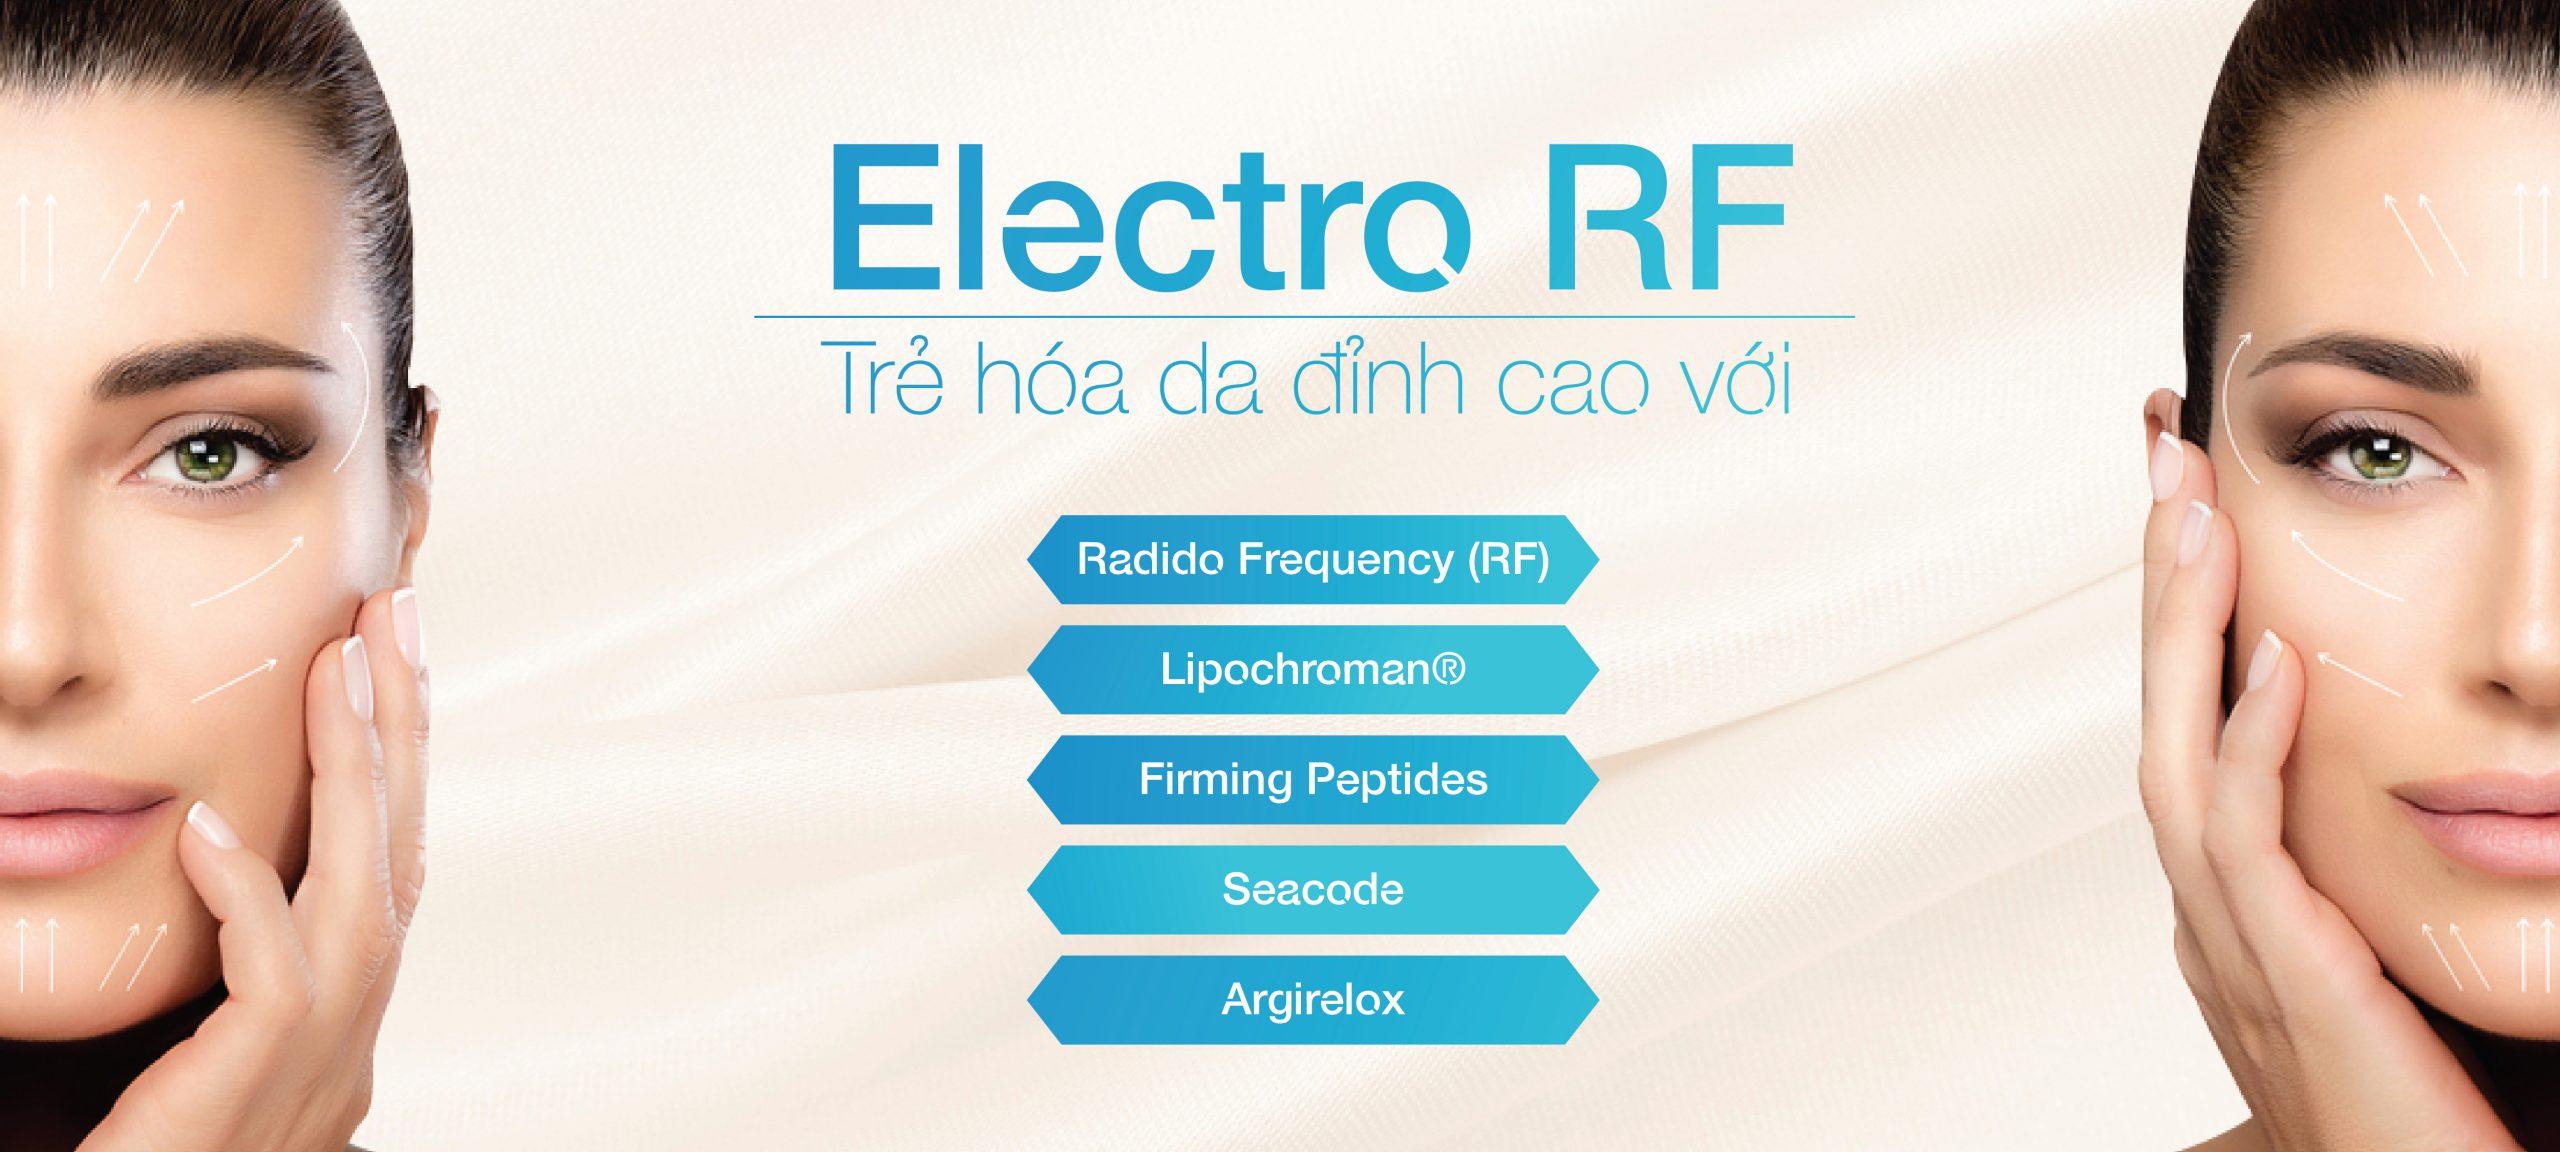 Electro RF 01 scaled